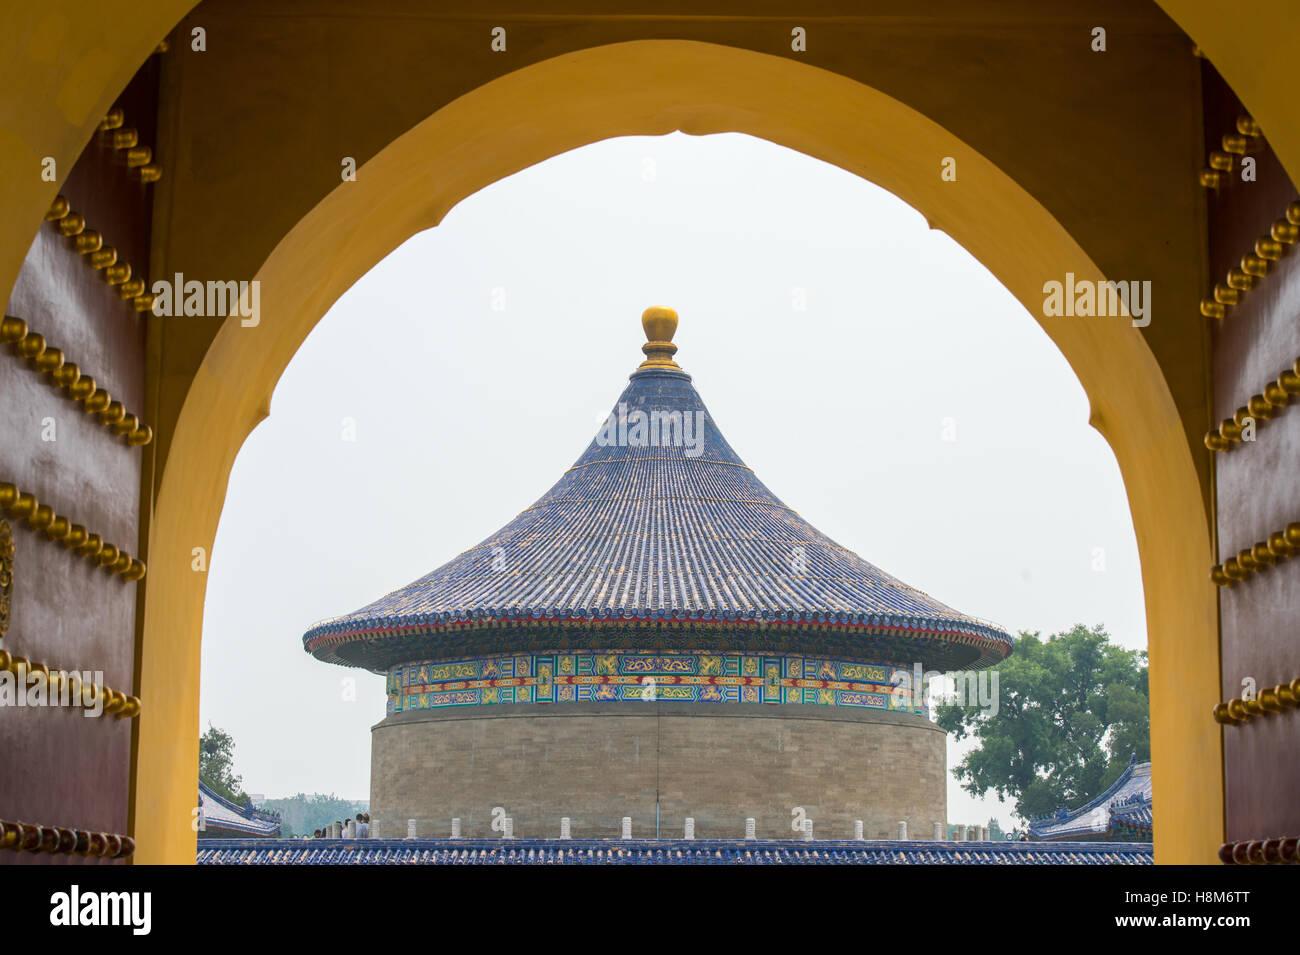 Beijing, Chine - à l'extérieur des portes du Temple du Ciel, autel sacrificiel impérial situé dans le centre de Pékin. Banque D'Images